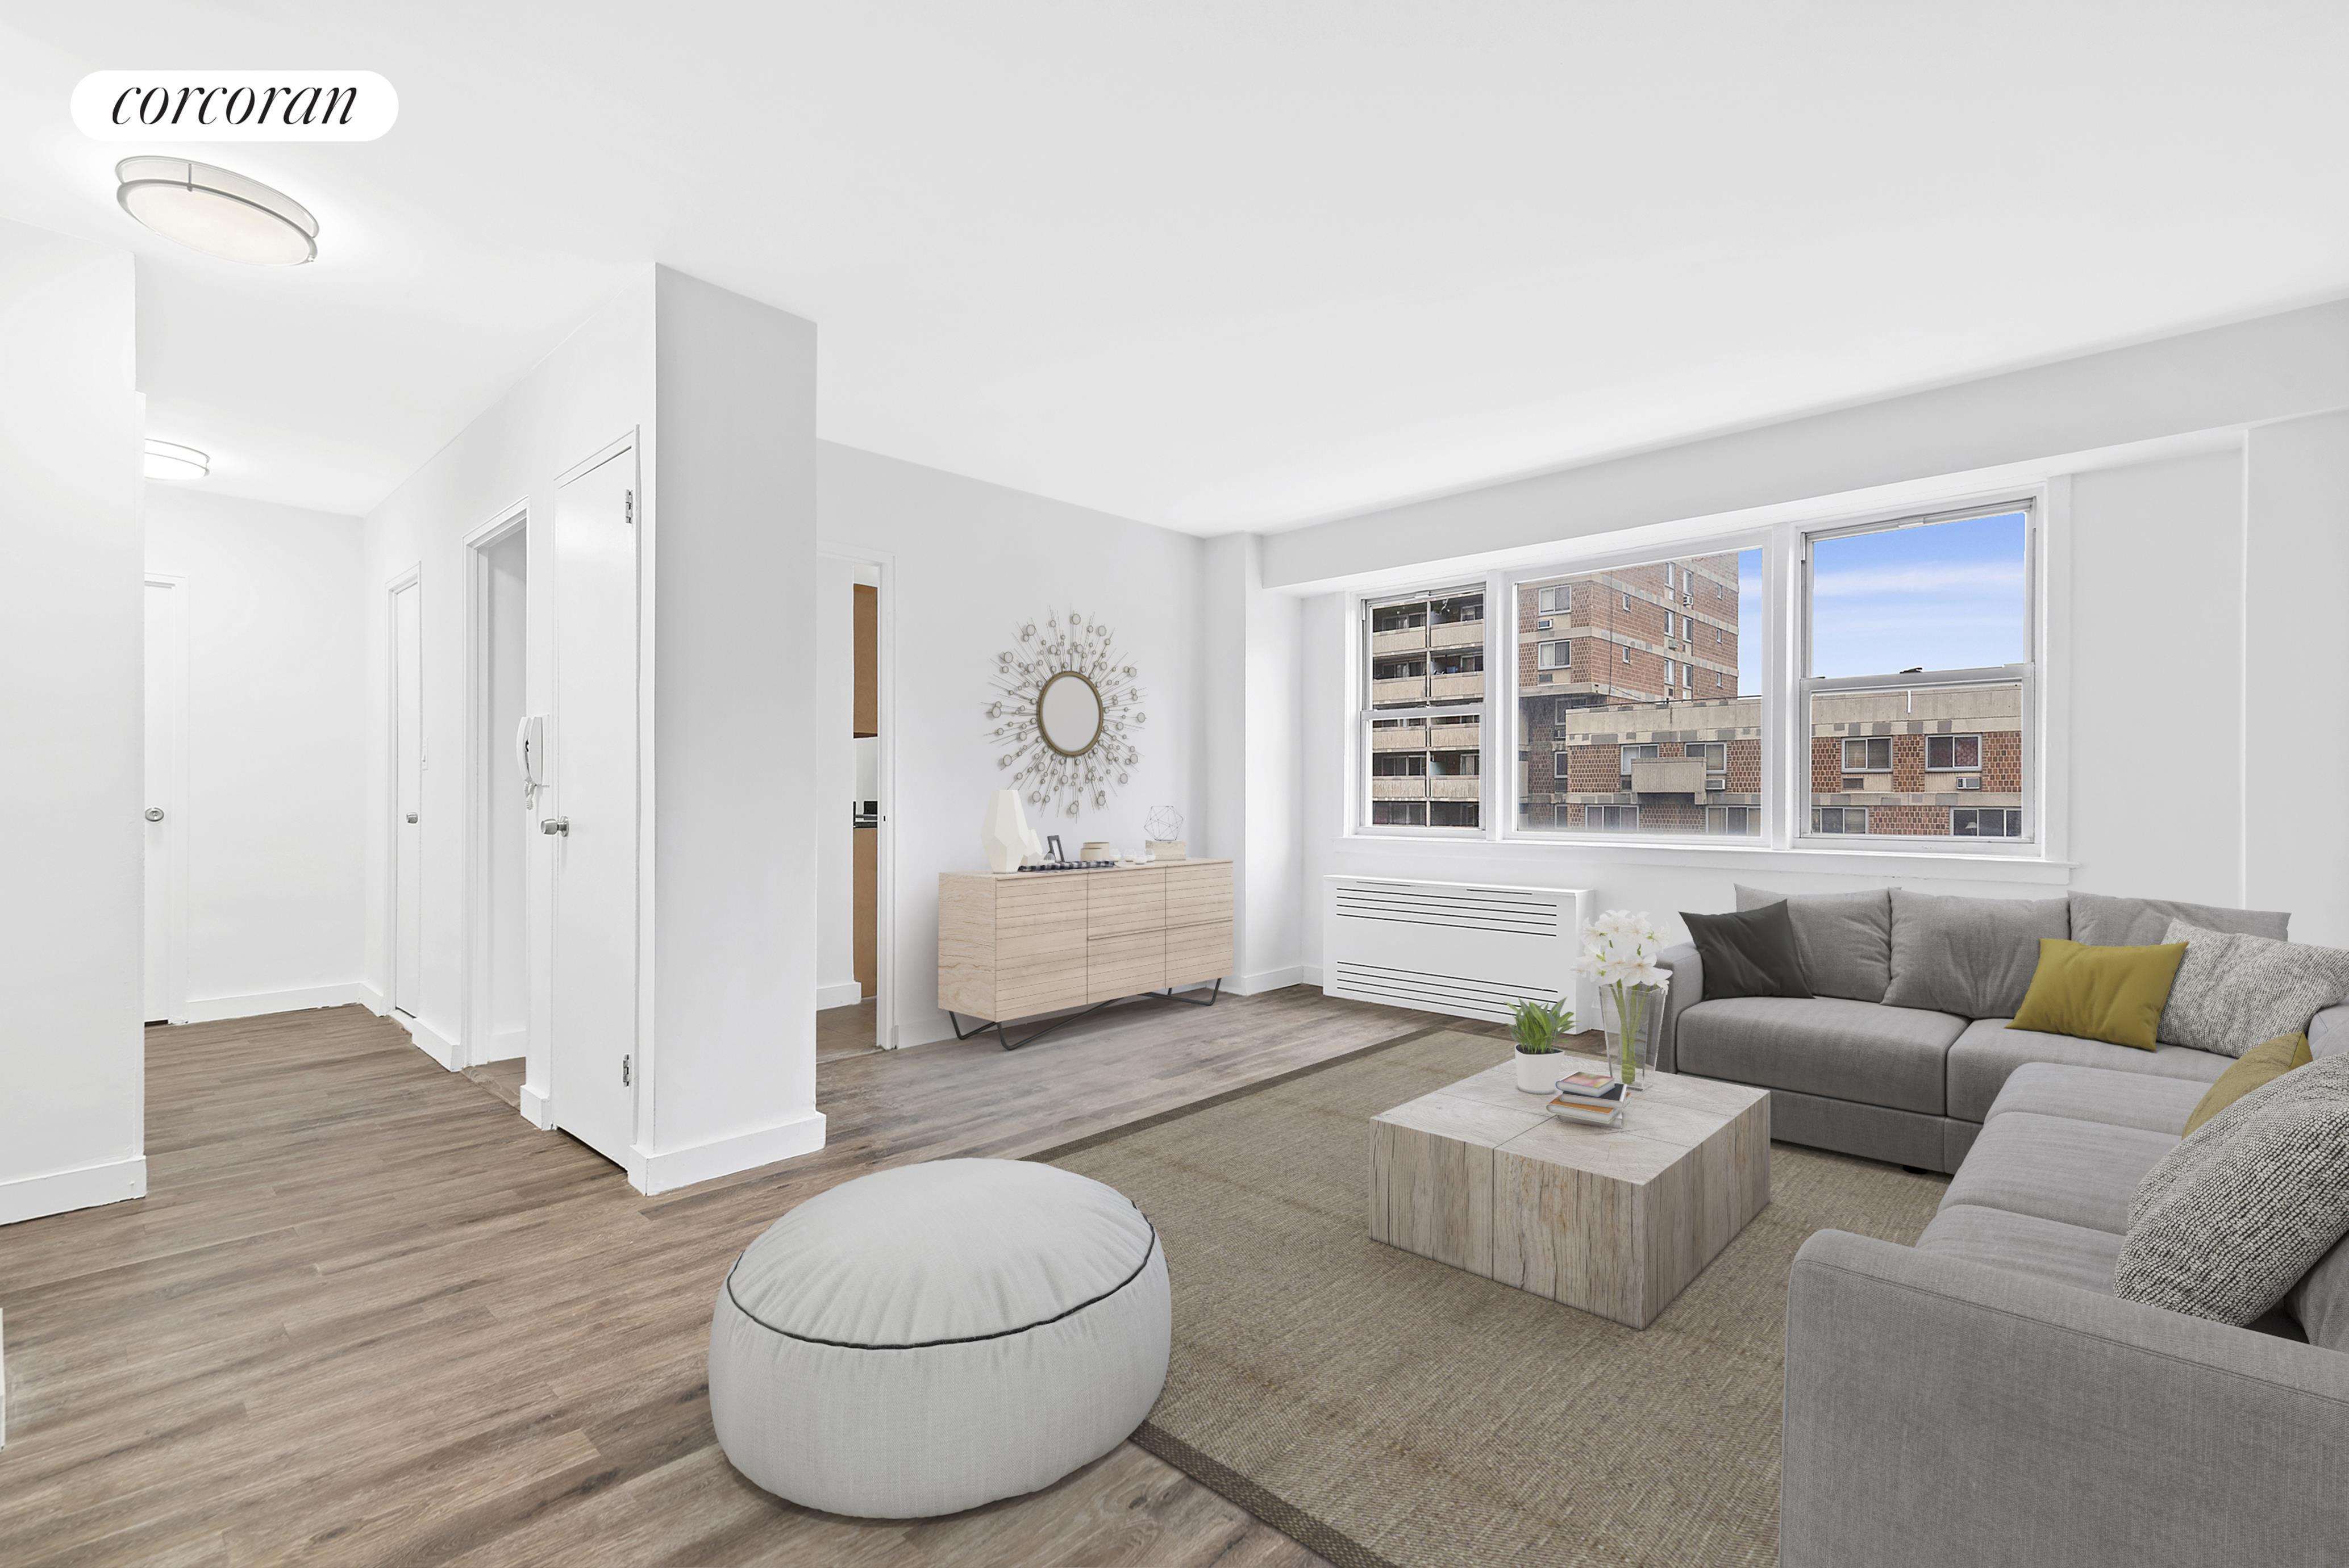 2300 Fifth Avenue West Harlem New York NY 10037